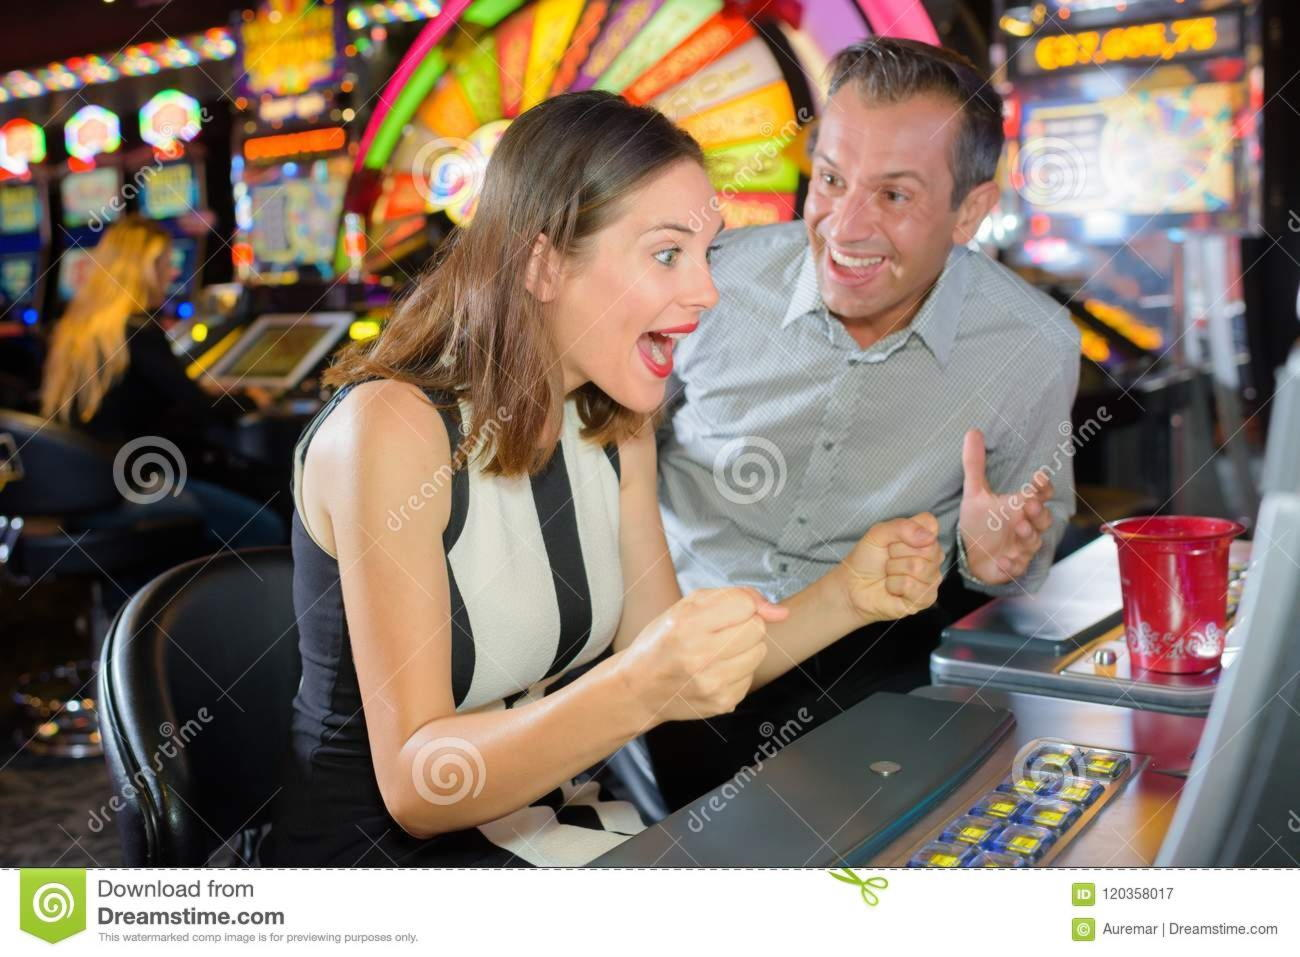 Eur 1505 kazino Bonuss bez depozīta kazino Mansion